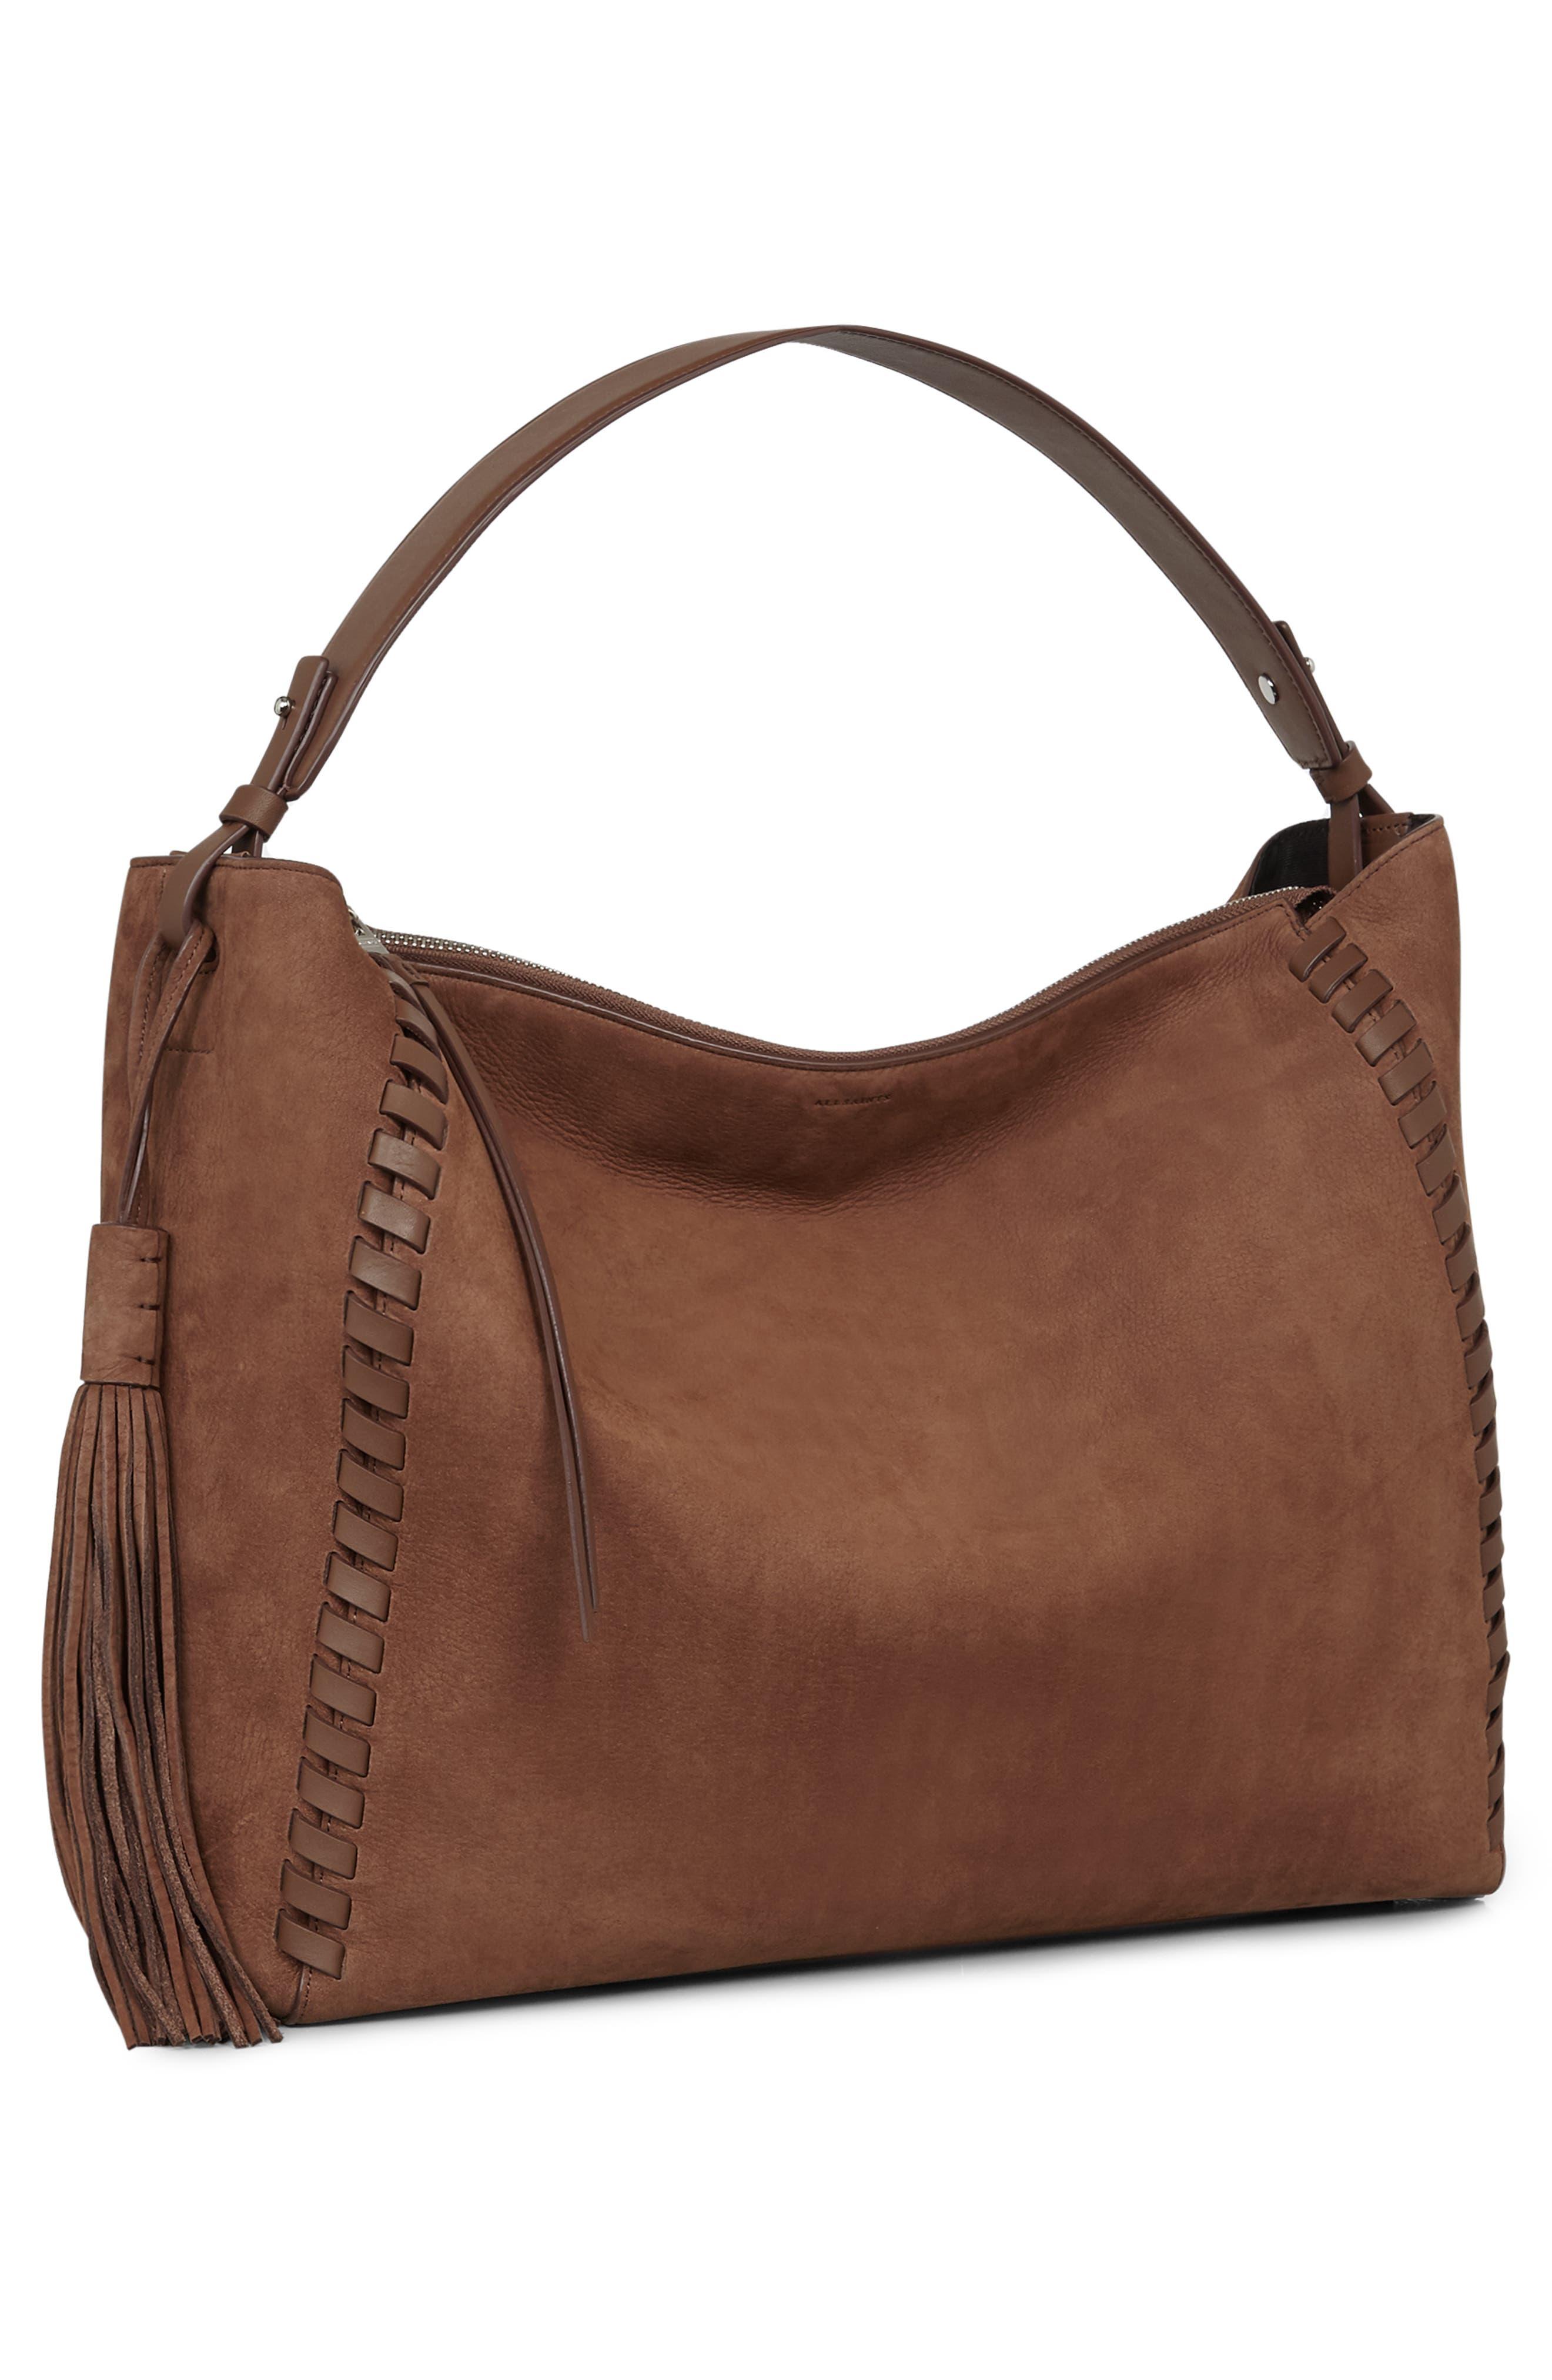 Kepi East/West Leather Shoulder Bag,                             Alternate thumbnail 7, color,                             210